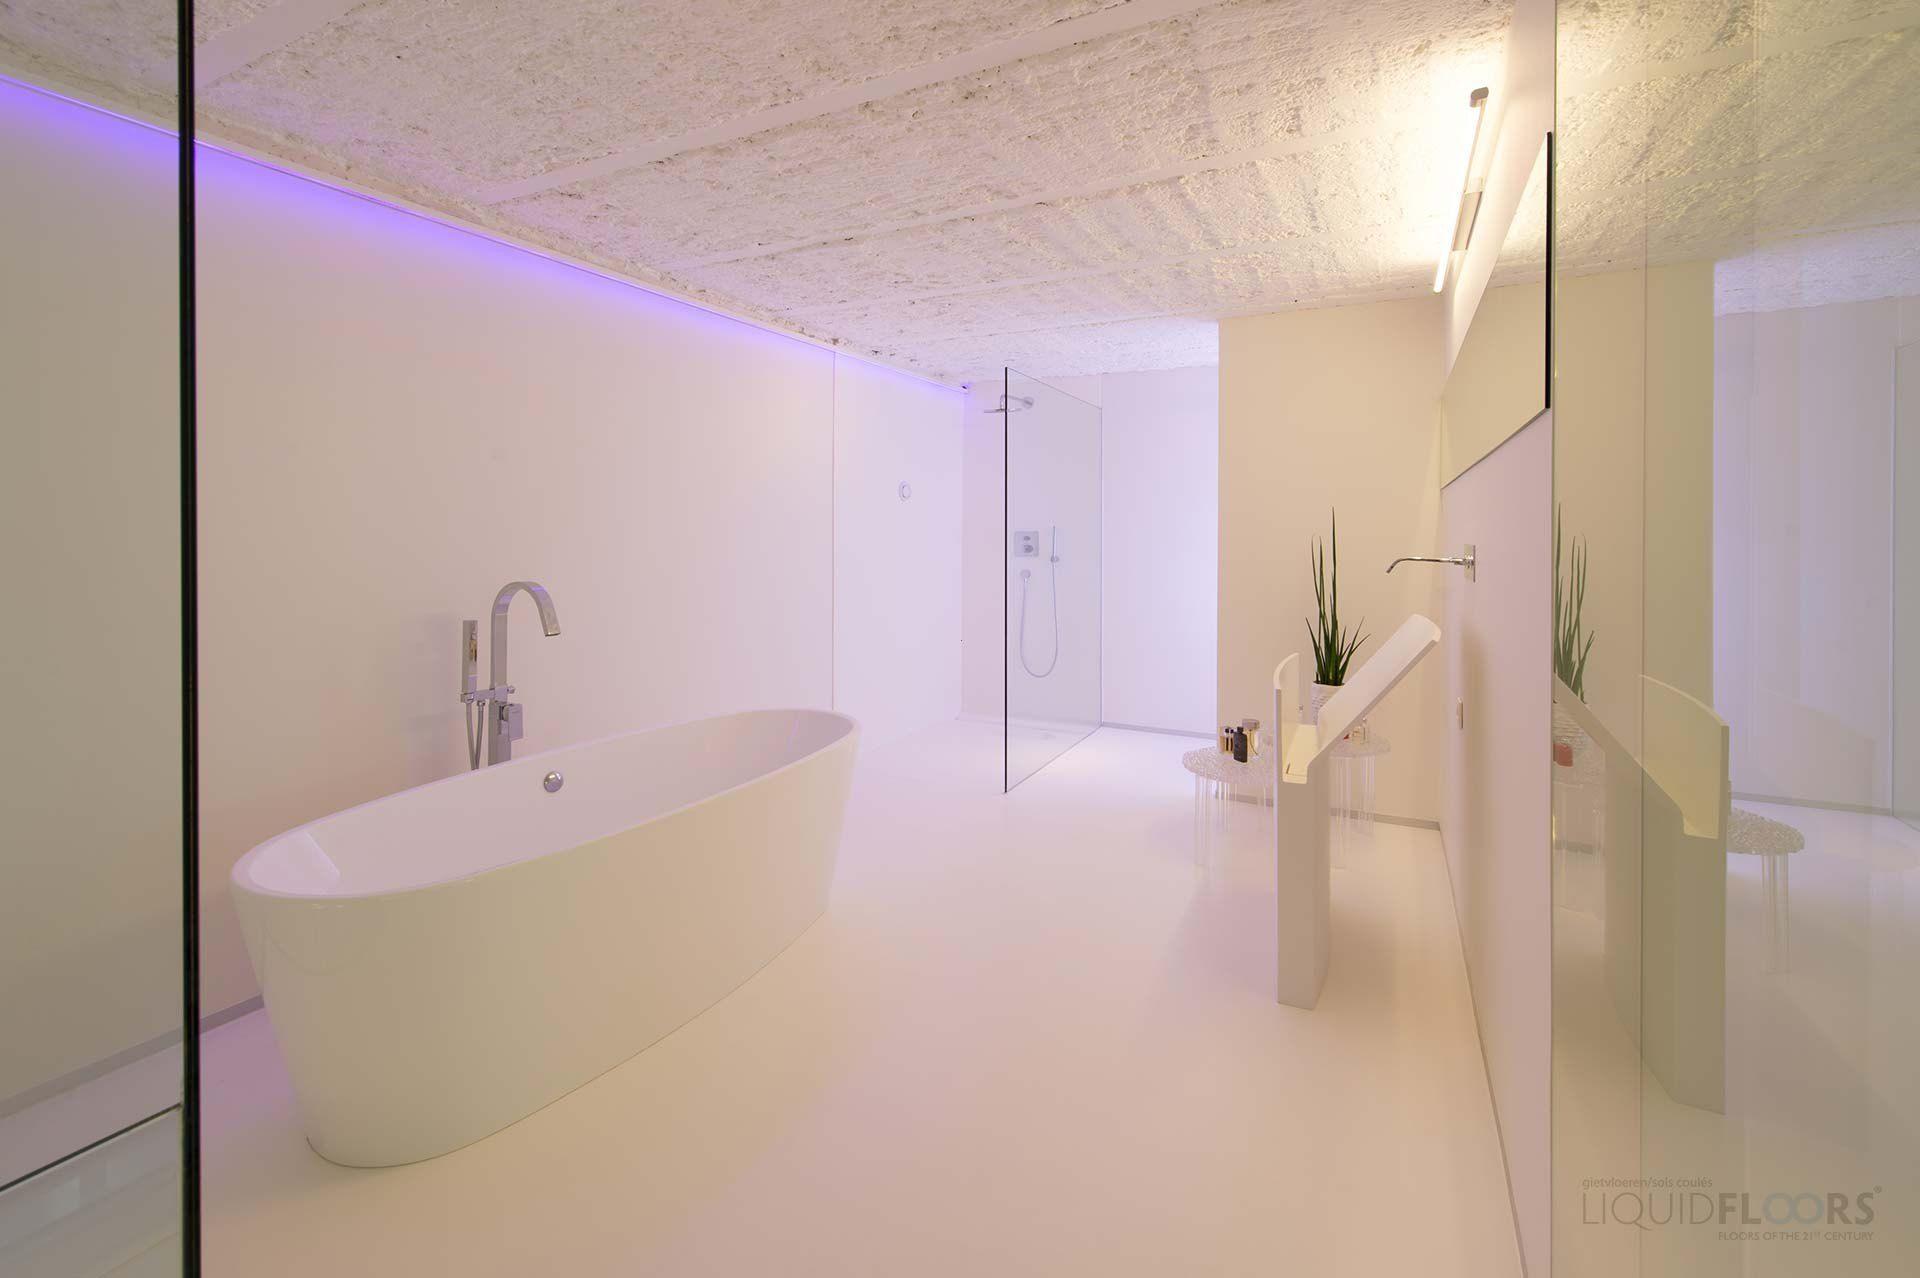 Gietvloer Badkamer Douche : Gietvloer badkamer douche reyns badkamers